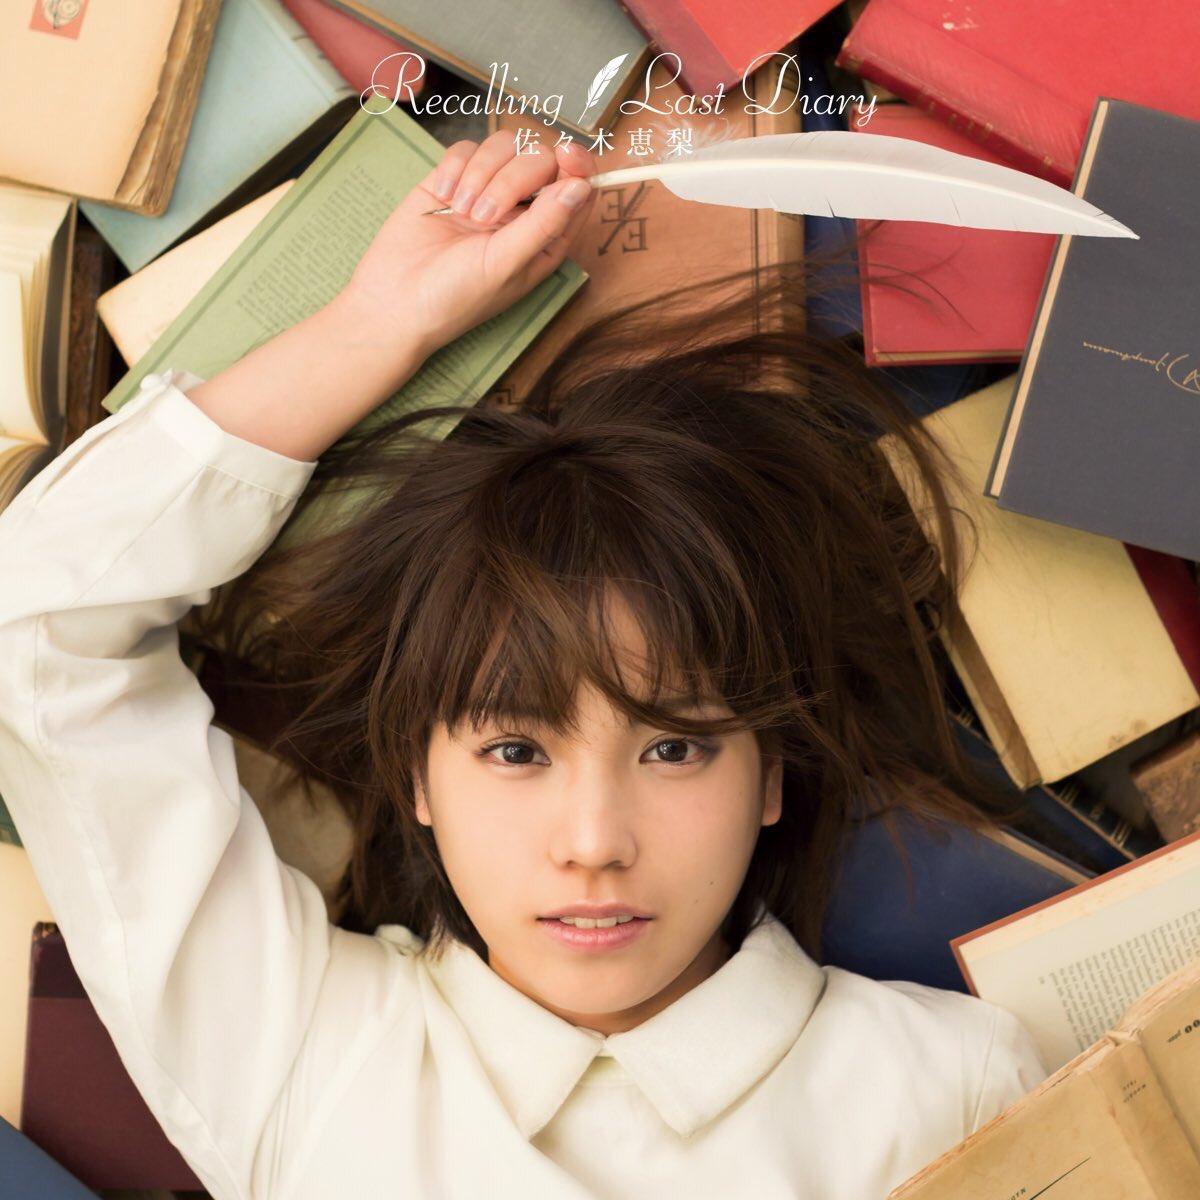 【#佐々木恵梨】2ndシングル「Recaling/Last Diary」(PS4/PS Vita『この世の果てで恋を唄う